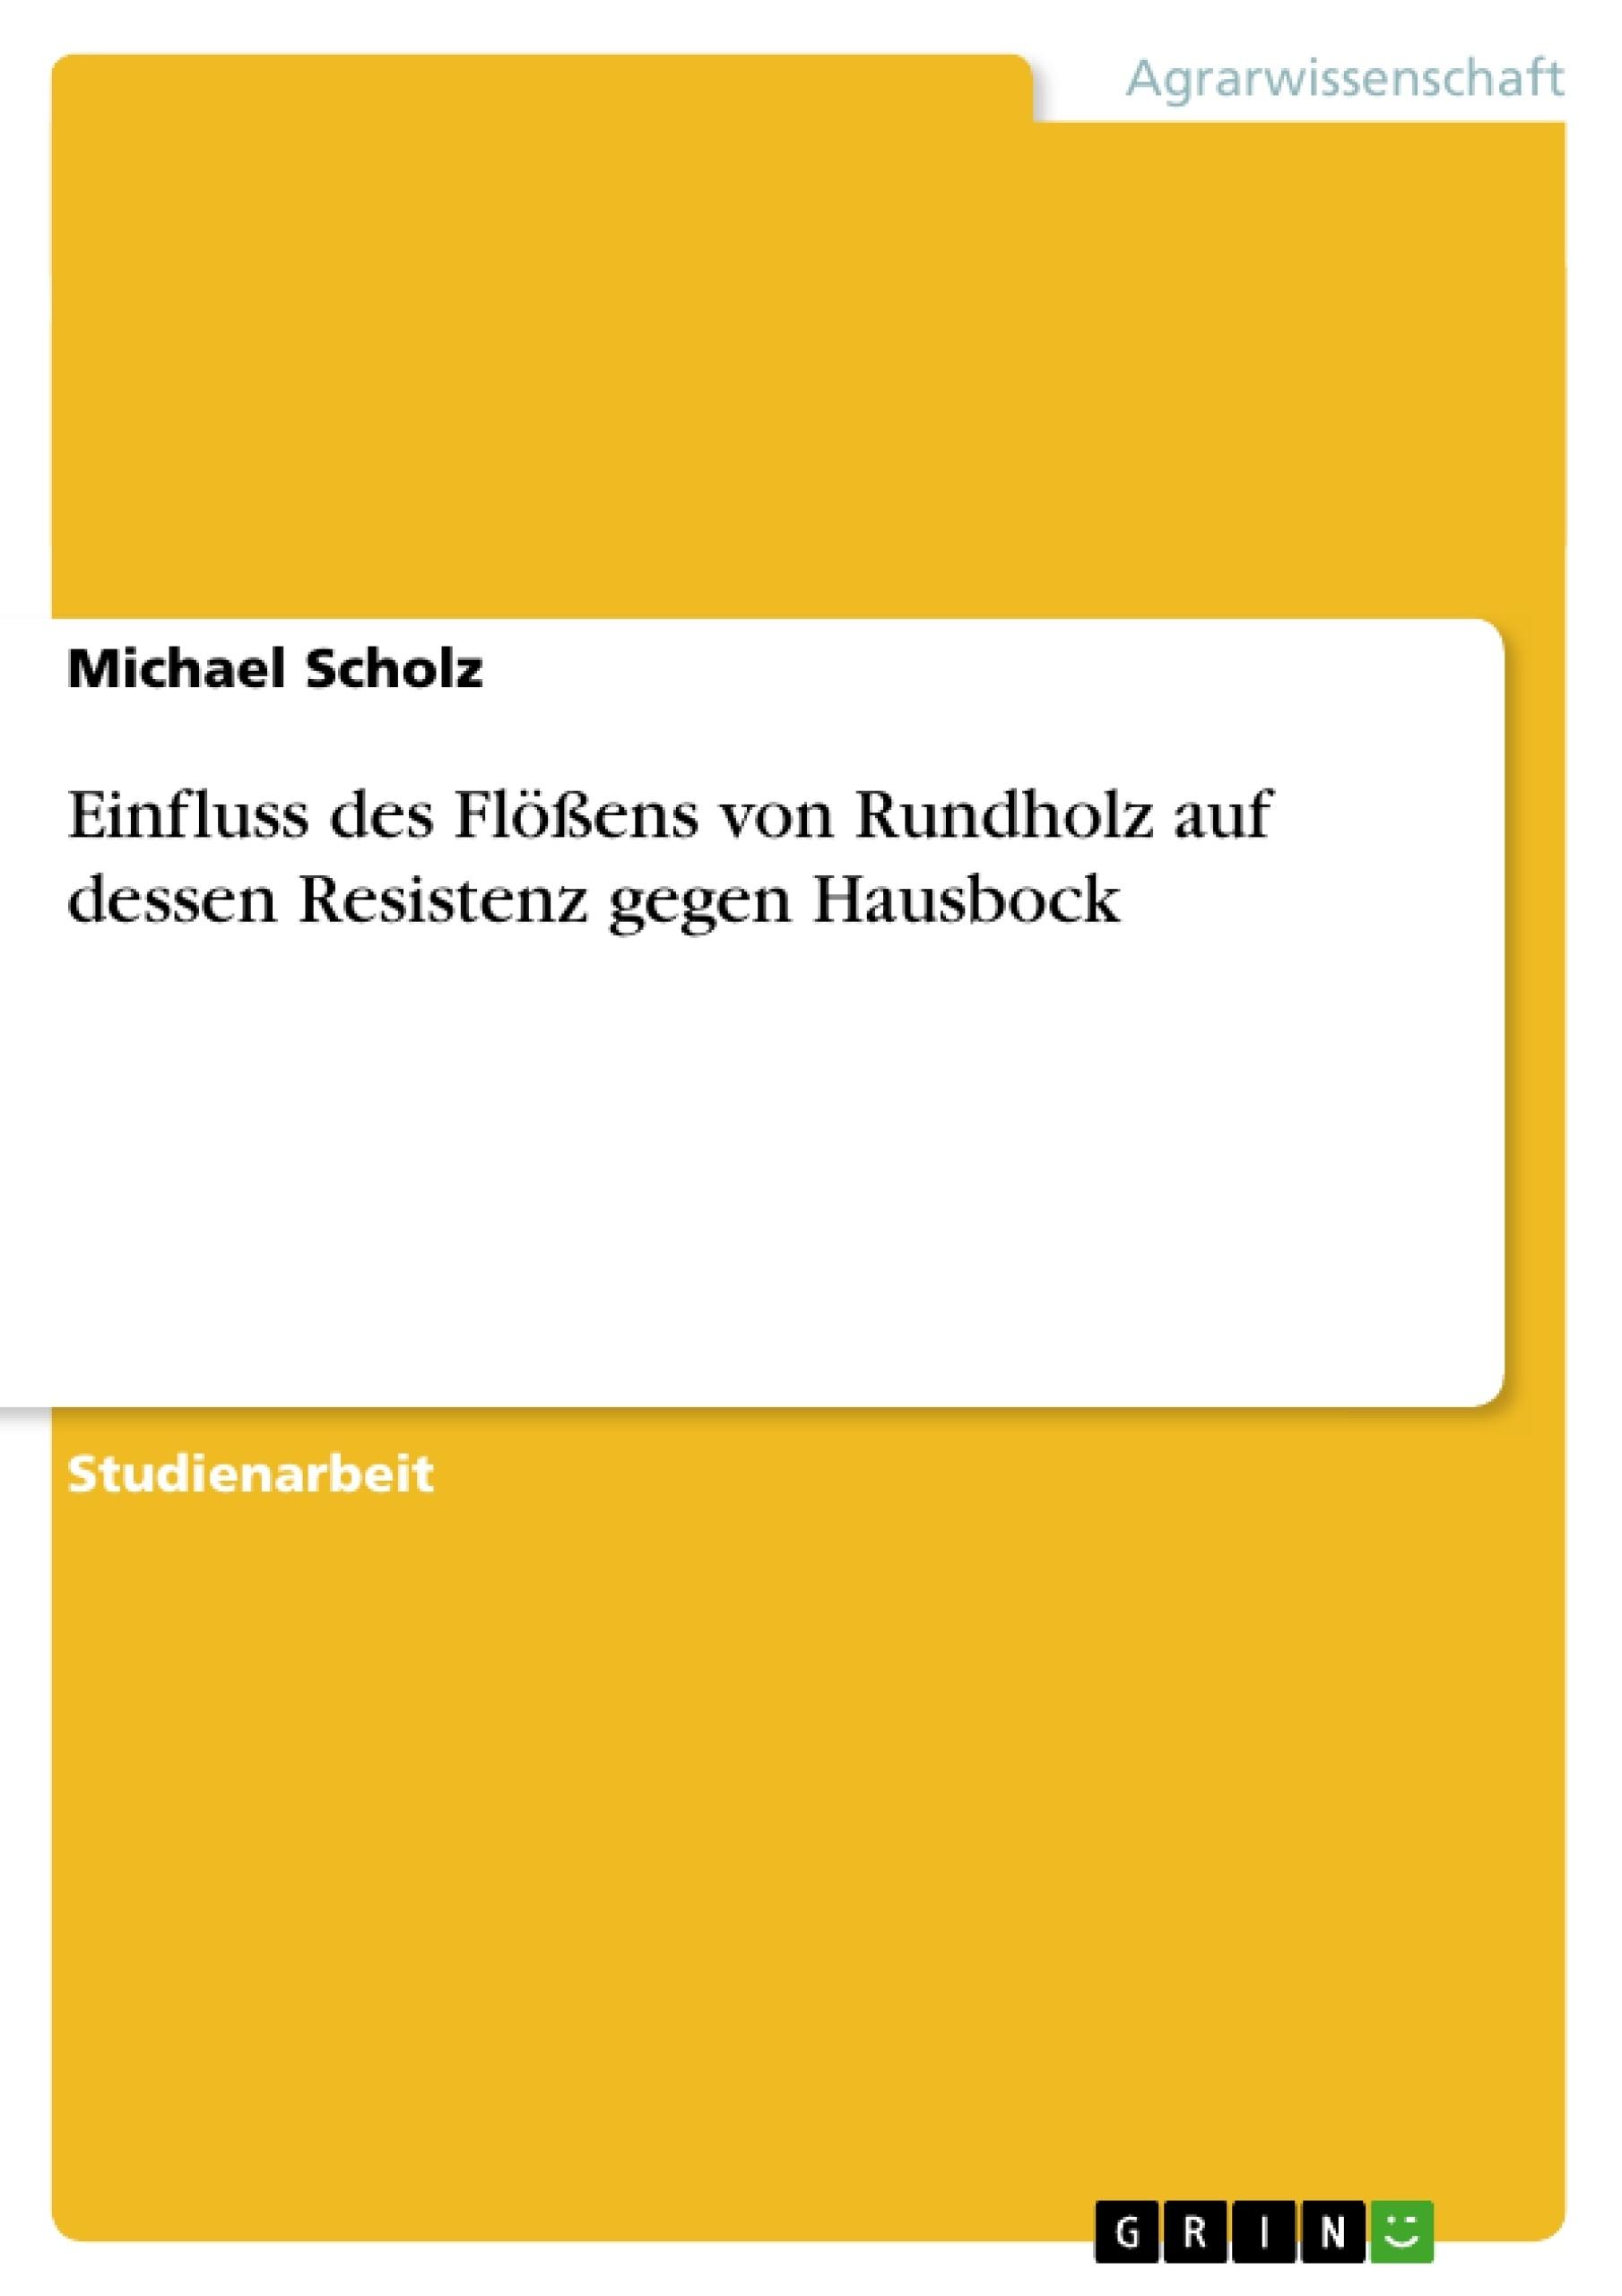 Titel: Einfluss des Flößens von Rundholz auf dessen Resistenz gegen Hausbock